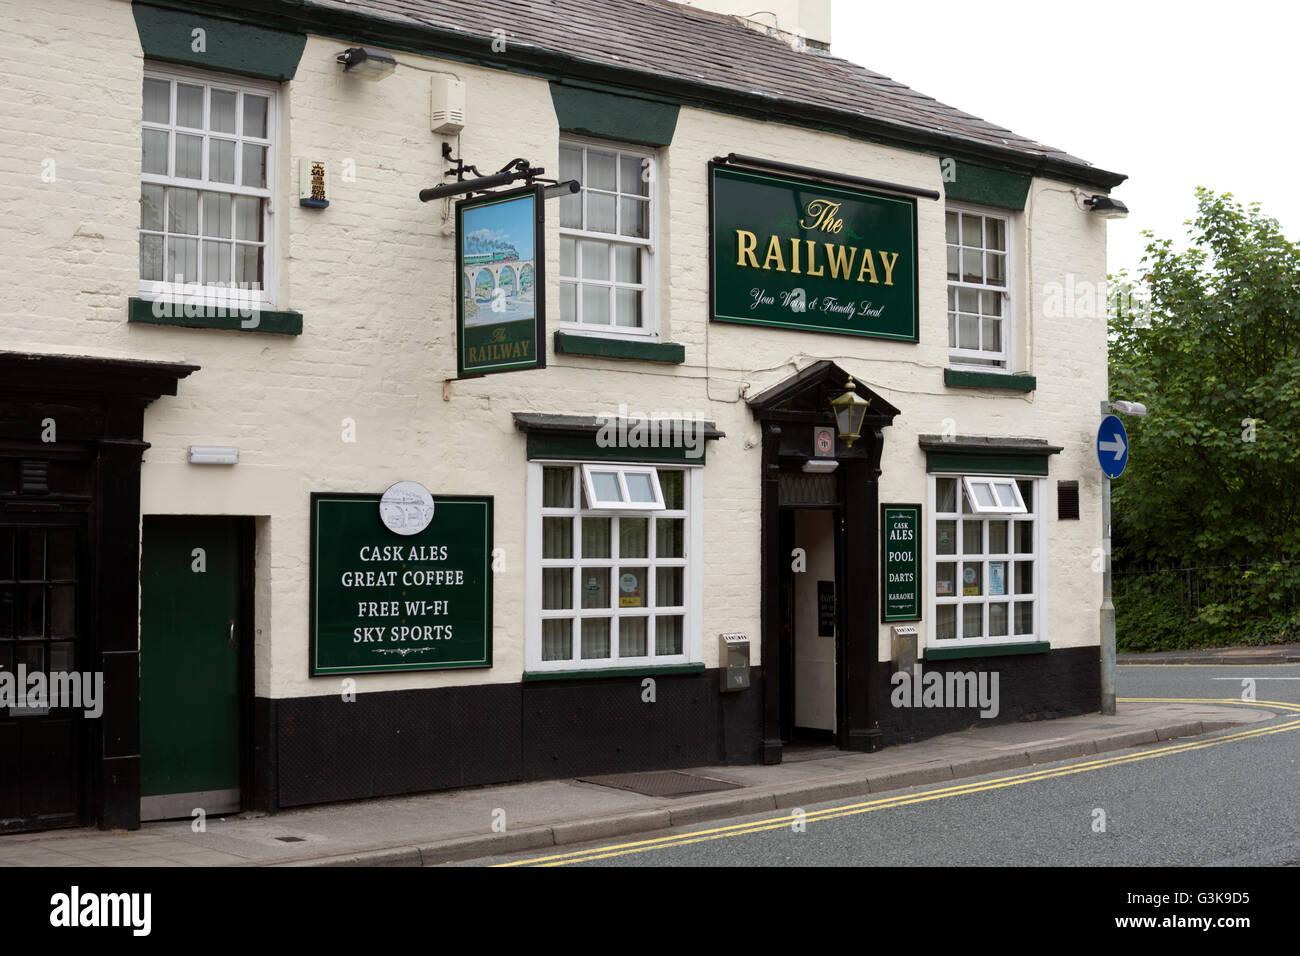 The Railway pub, Ormskirk, Lancashire, England, UK - Stock Image